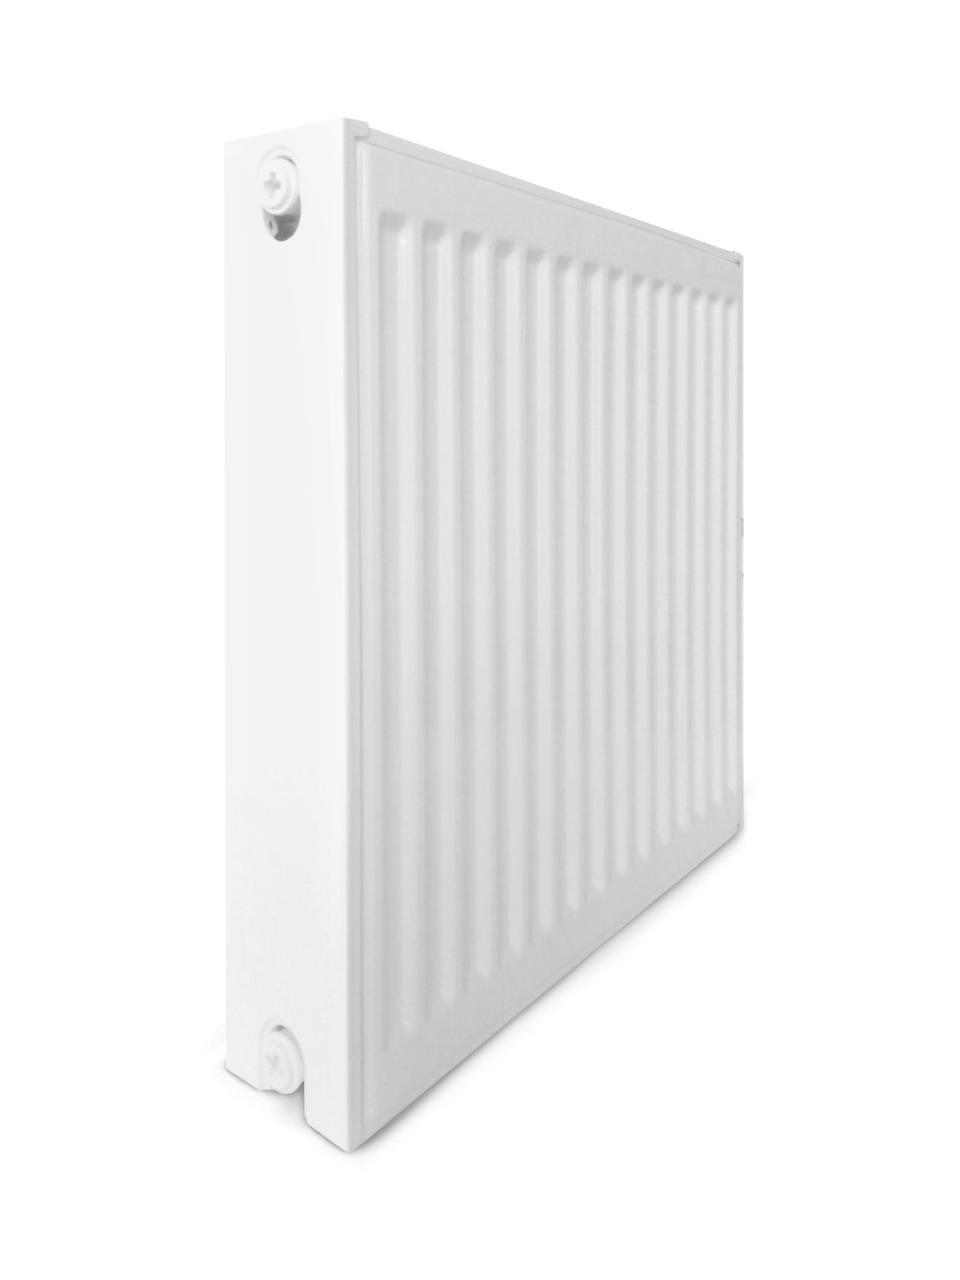 Радиатор стальной панельный Optimum боковой 600 на 1800 мм тип 22 ( 4406 Вт )